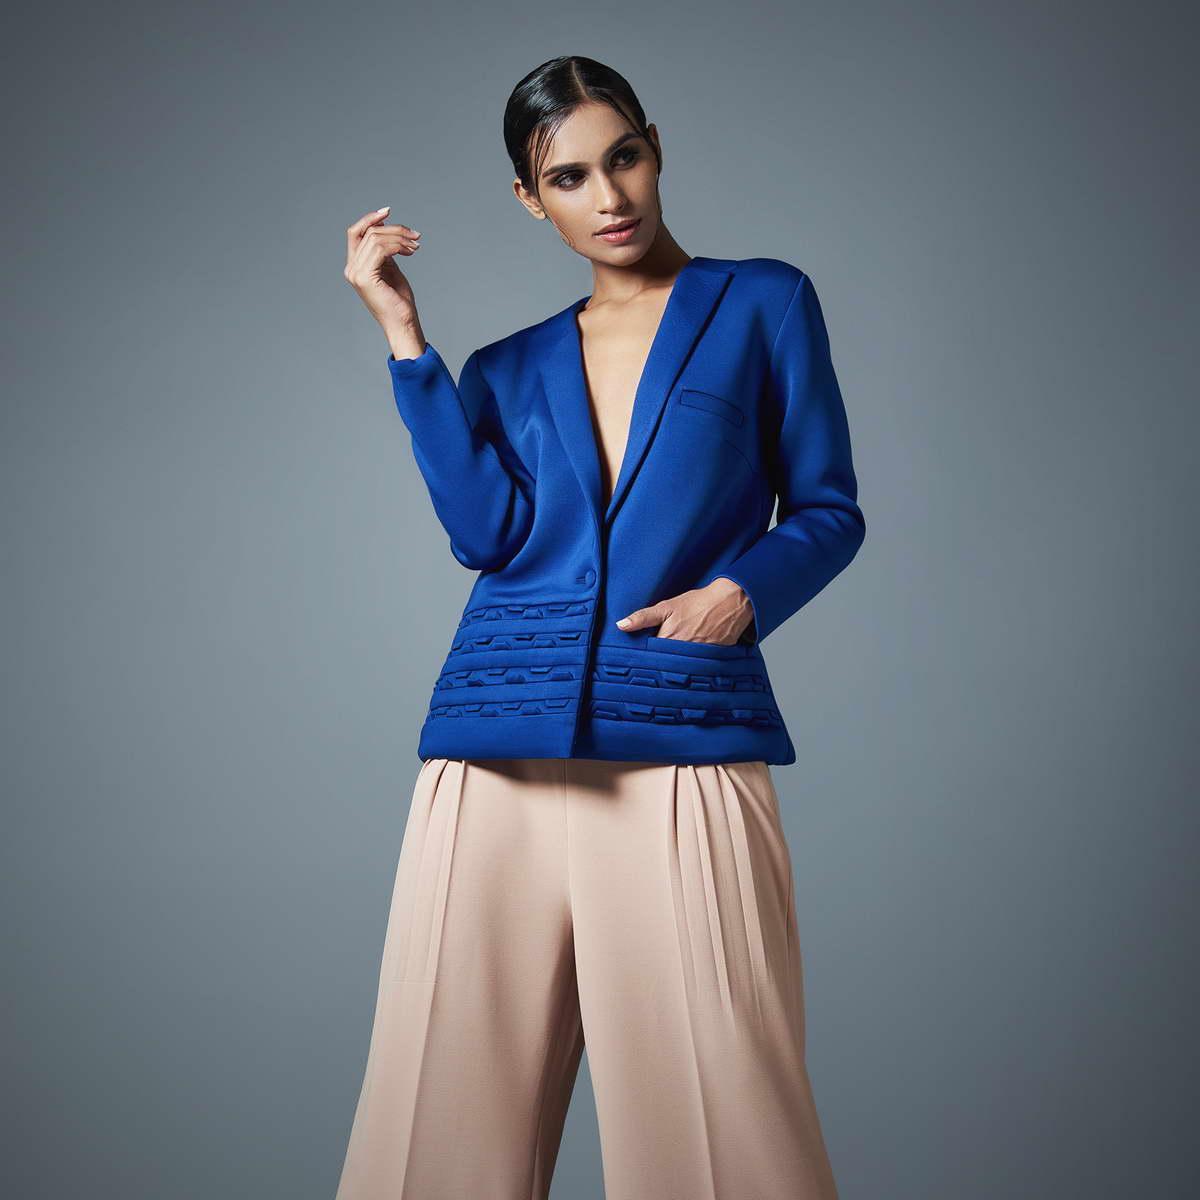 Világ Dizájn Rangllista - A Design divat 2019